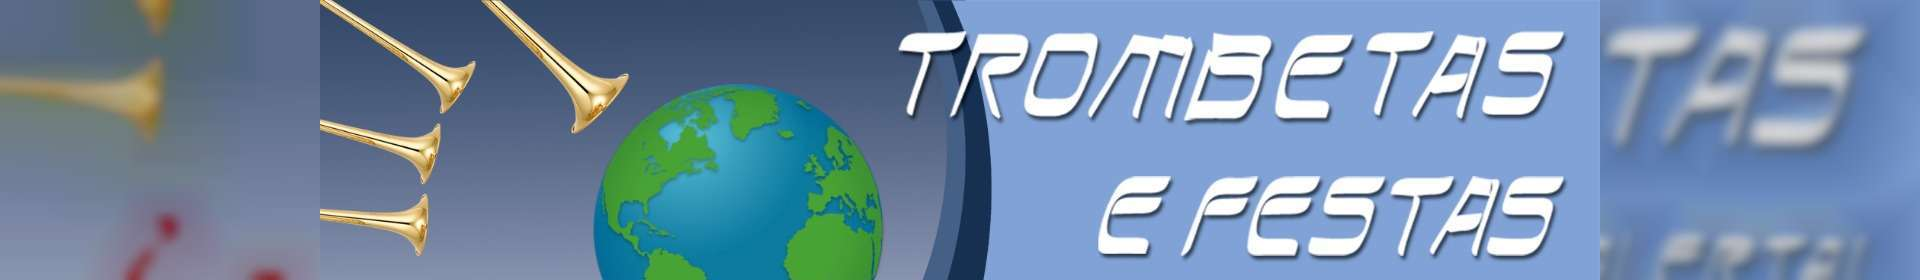 Entrevista sobre o evento Trombetas e Festas: um alerta!